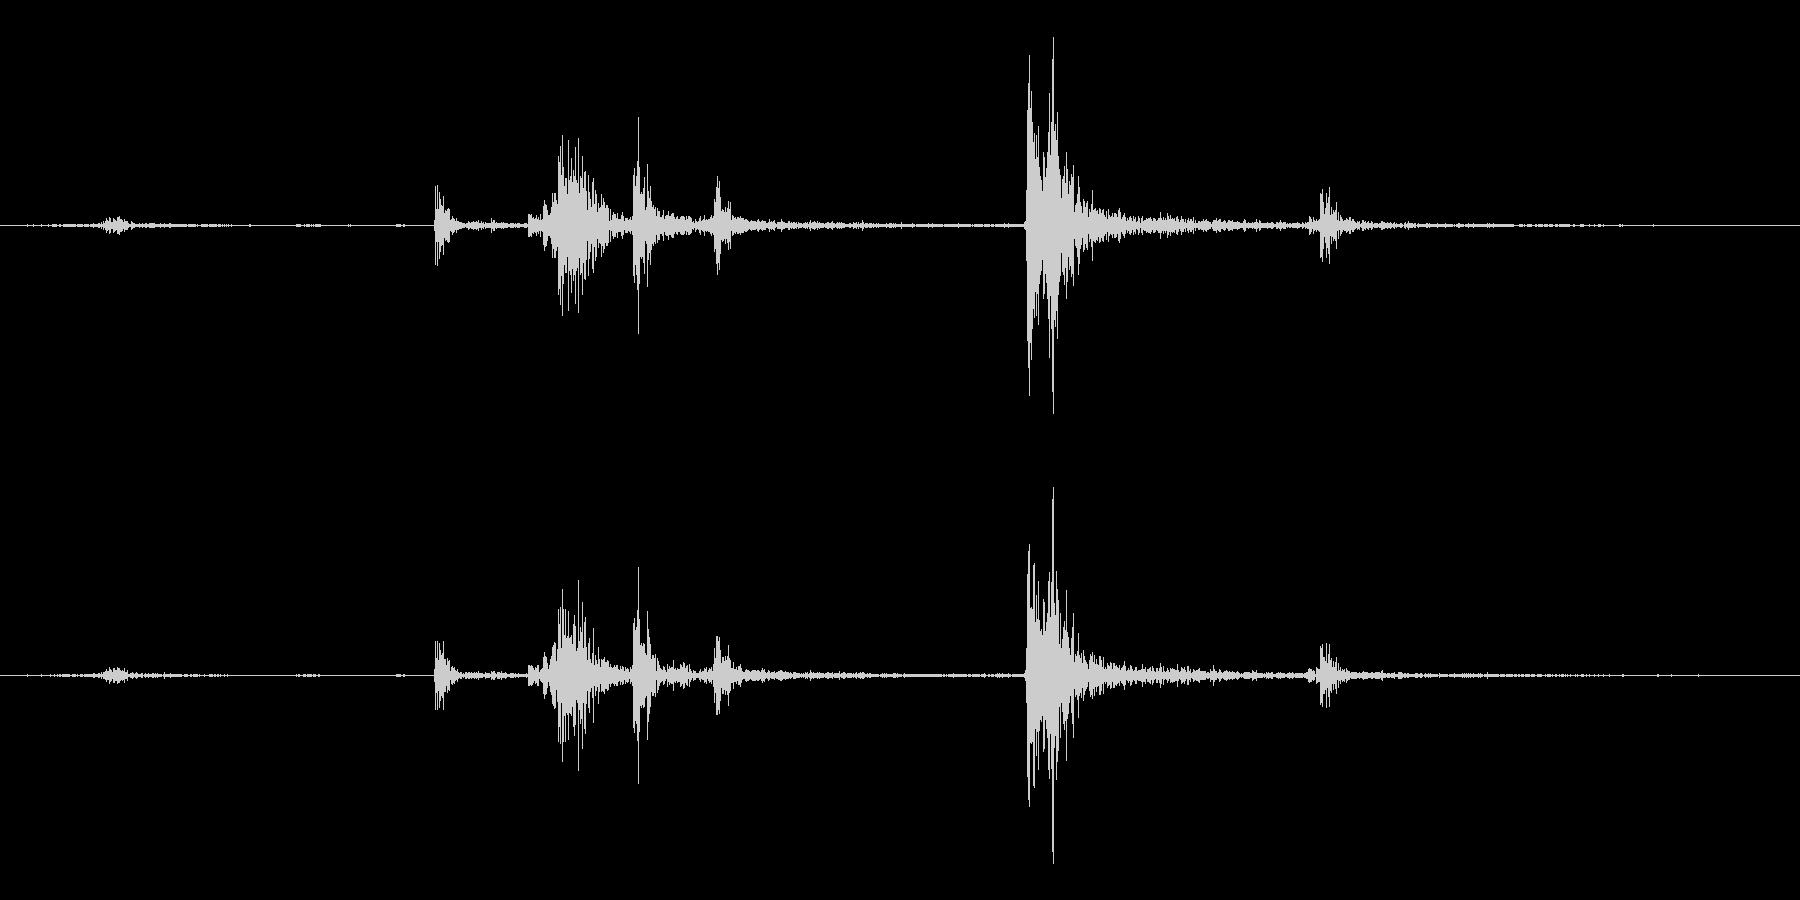 【生録音】パッケージ 開封音 3の未再生の波形